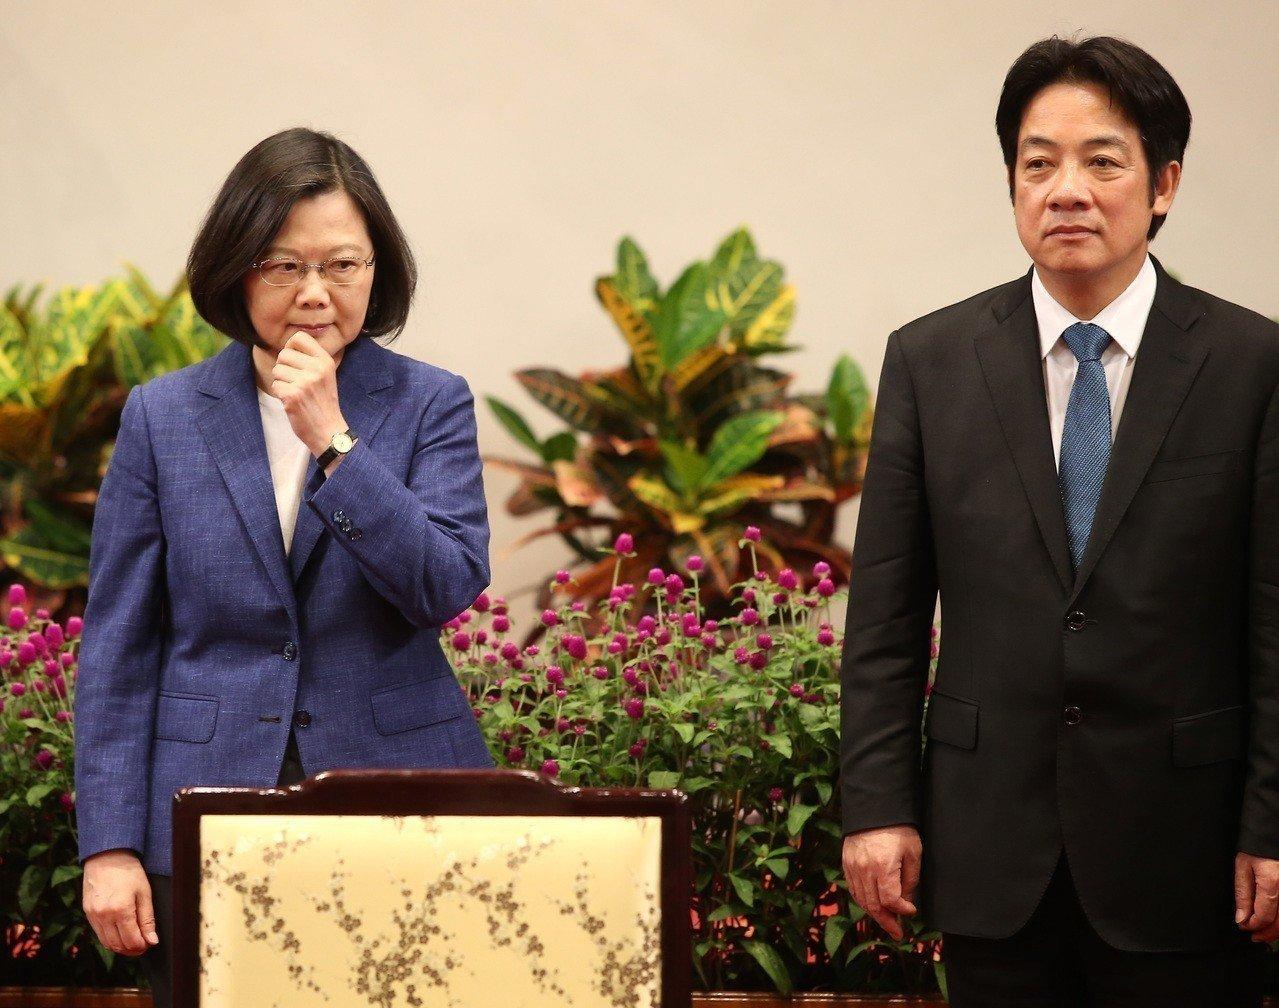 蔡英文称不排除和赖清德合作 台网友:都不配领导台湾